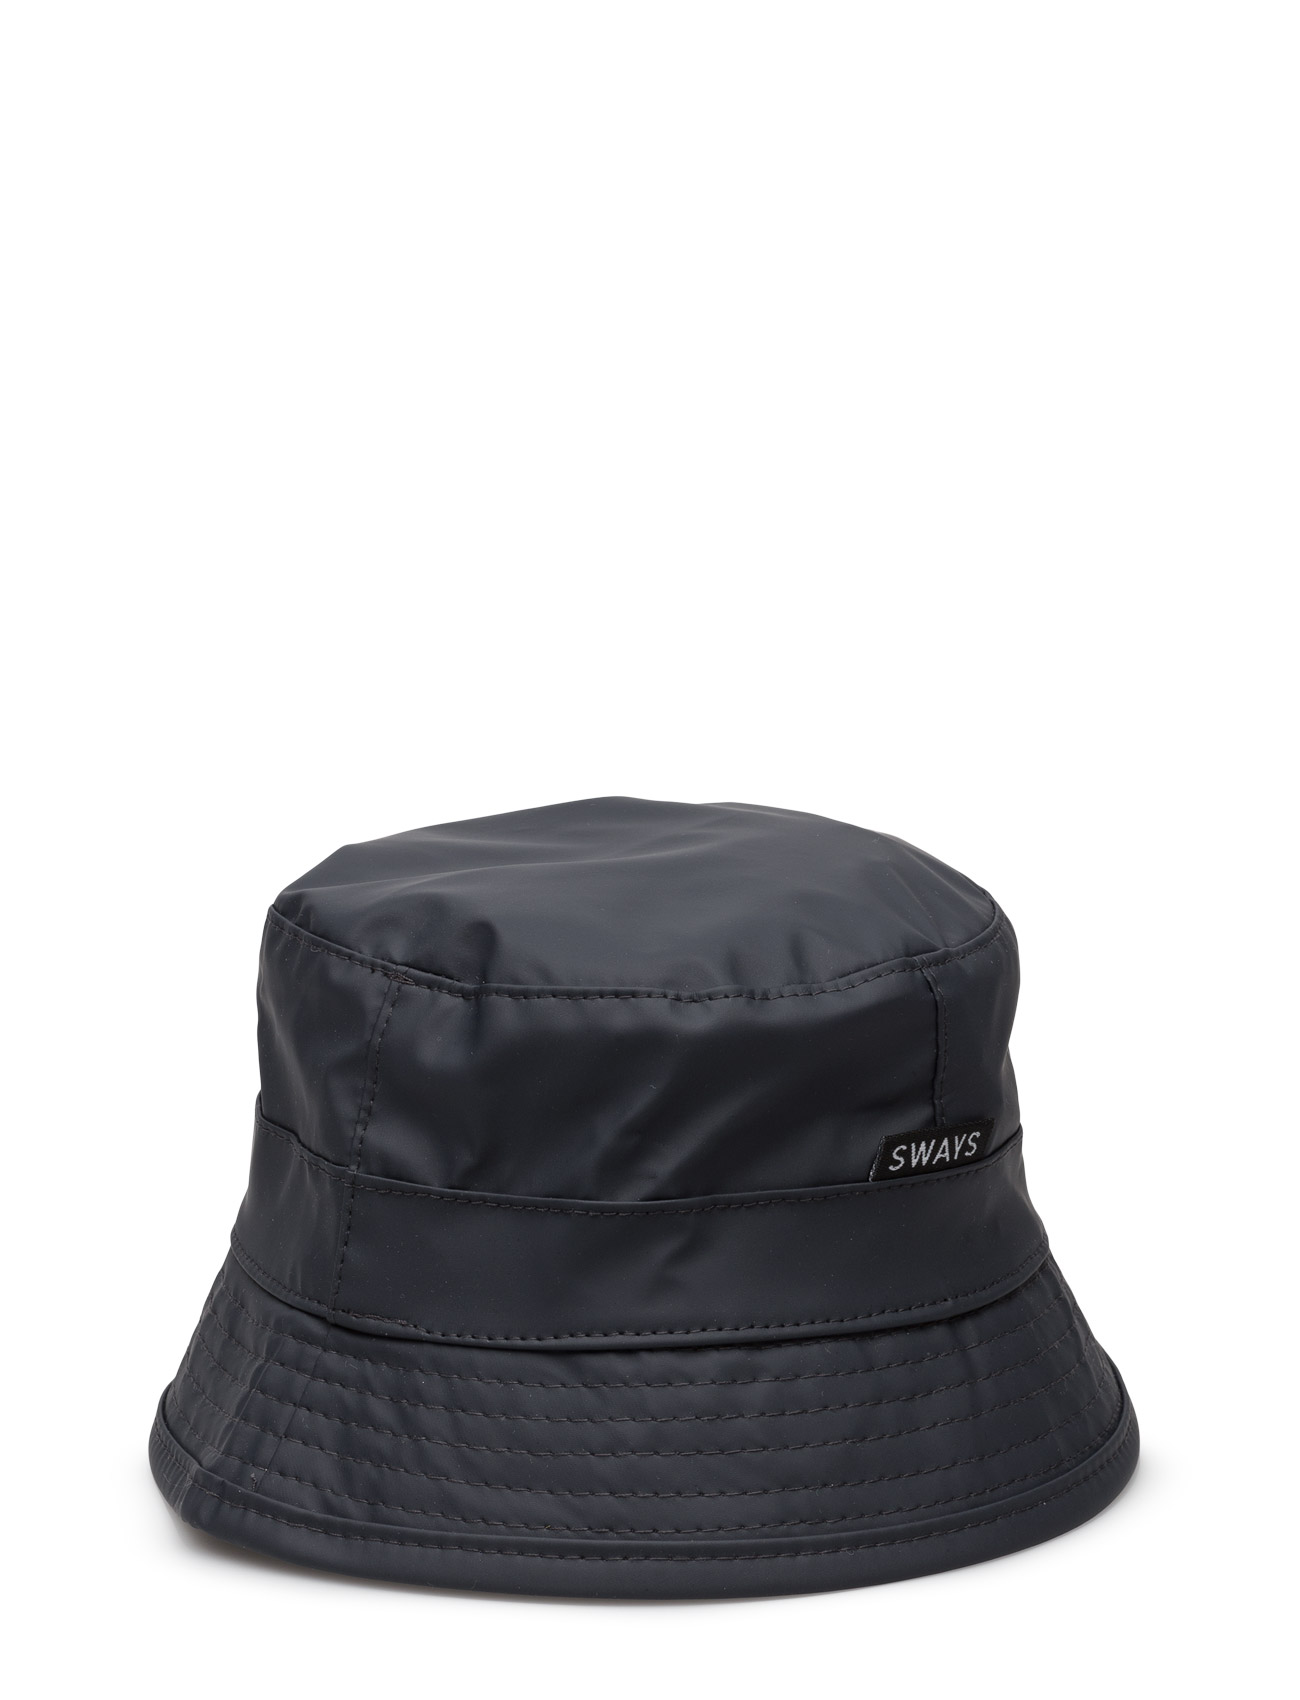 Pelican Hat SWAYS Hatte & Caps til Børn i